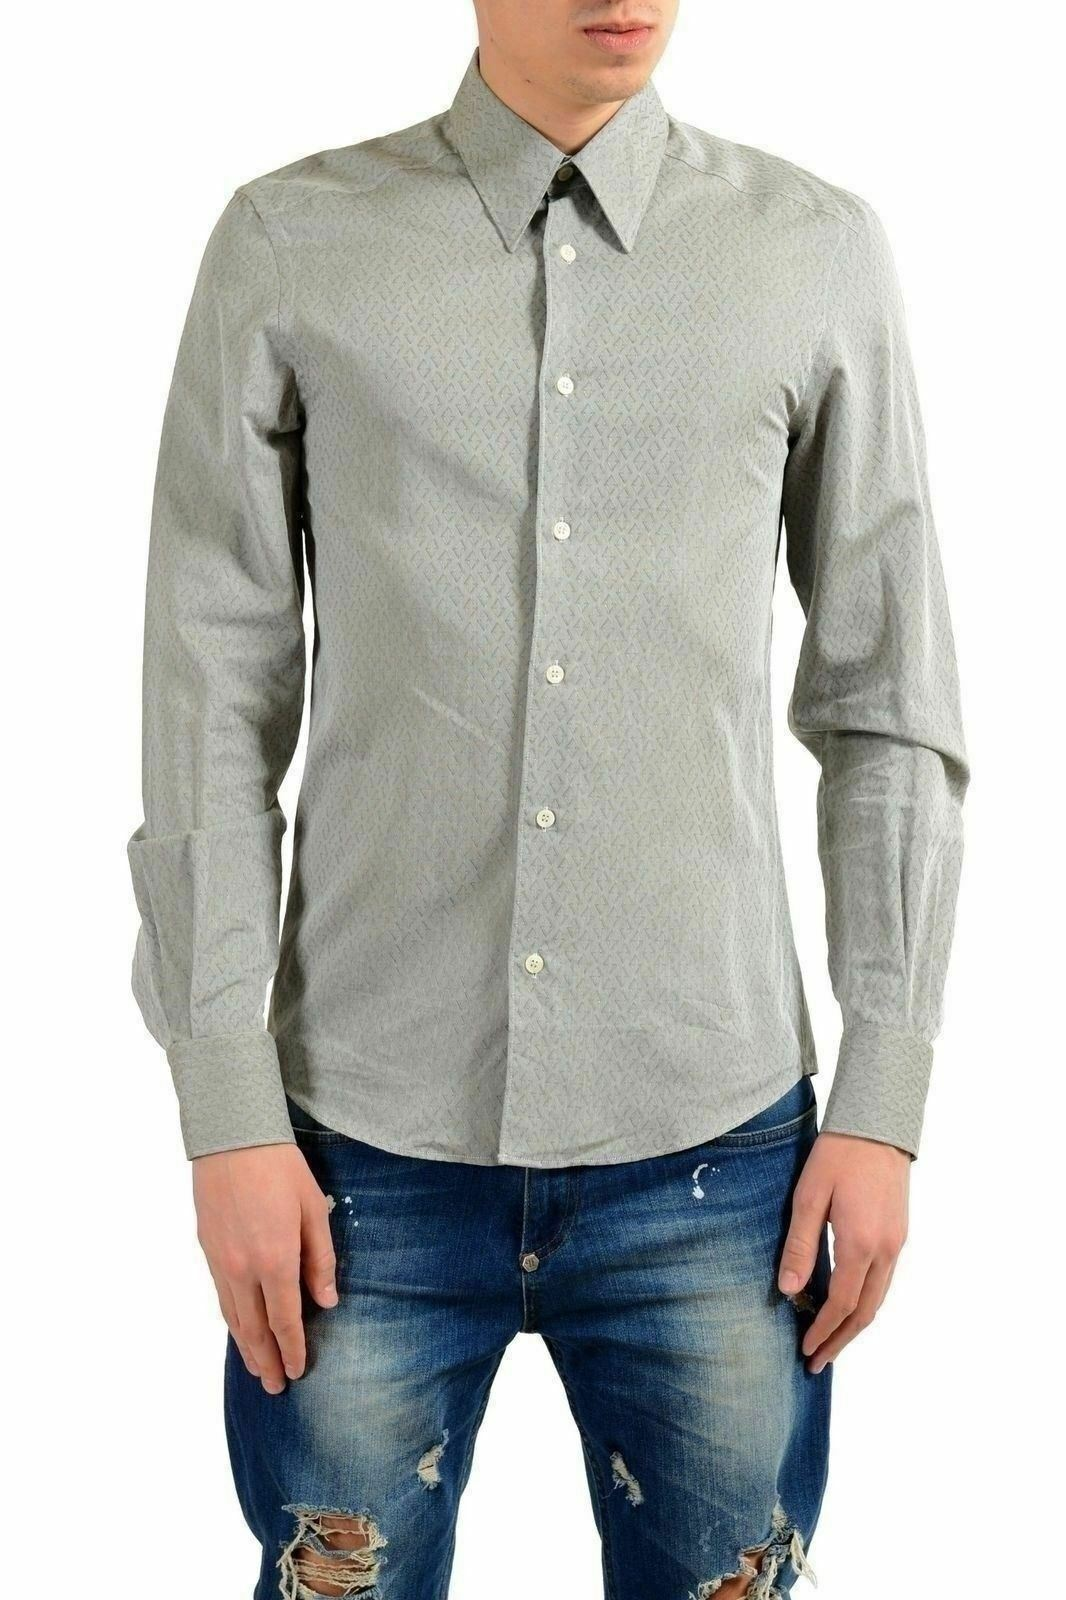 Versace Collection   Tendenza   Uomo Grigio Abito Manica Lunga Camicia USA 15